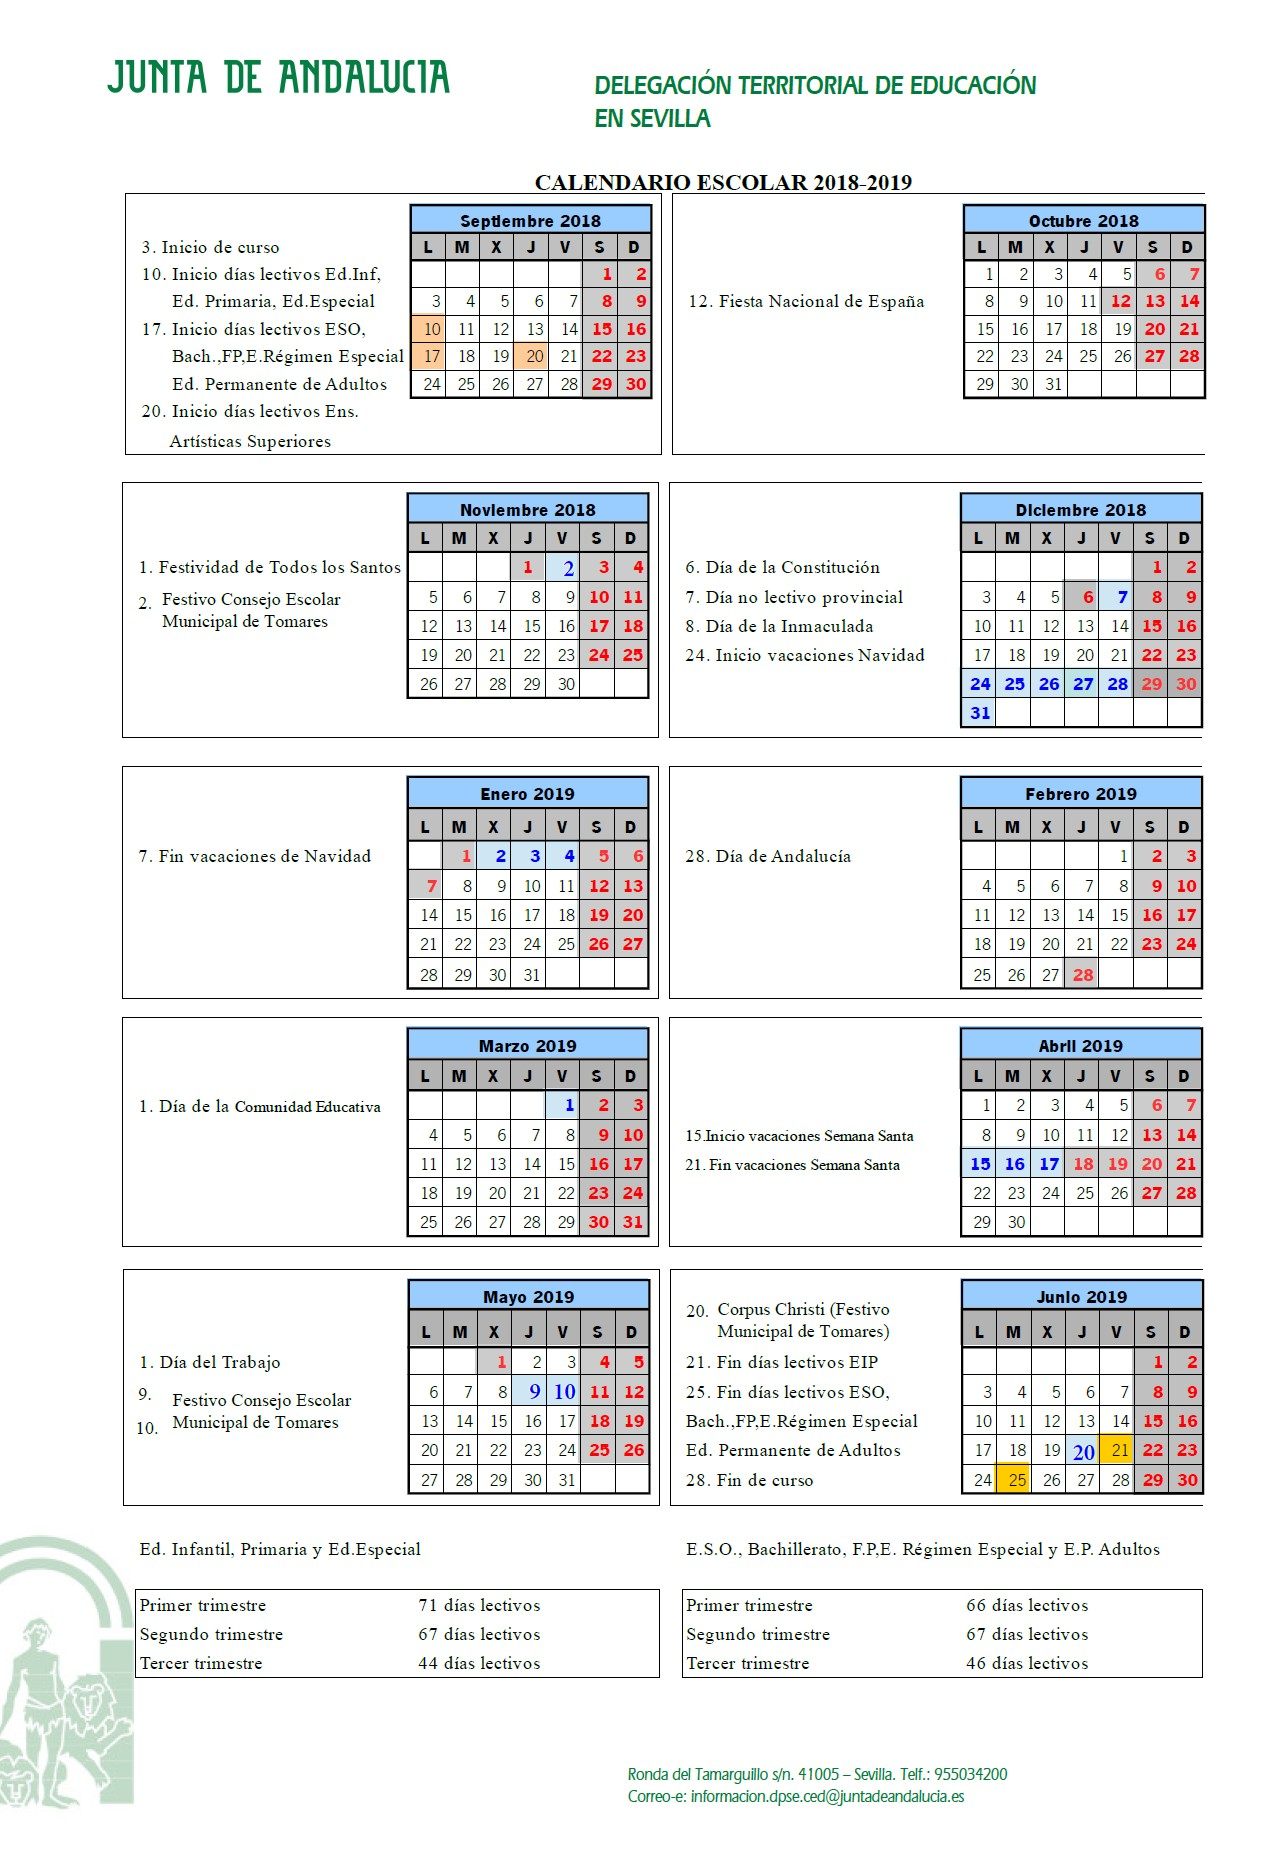 Calendario 2019 Con Festivos En andalucia Más Reciente Calendario Escolar Of Calendario 2019 Con Festivos En andalucia Más Recientes Spj Uso Publicado En Boe El Calendario Laboral De 2019